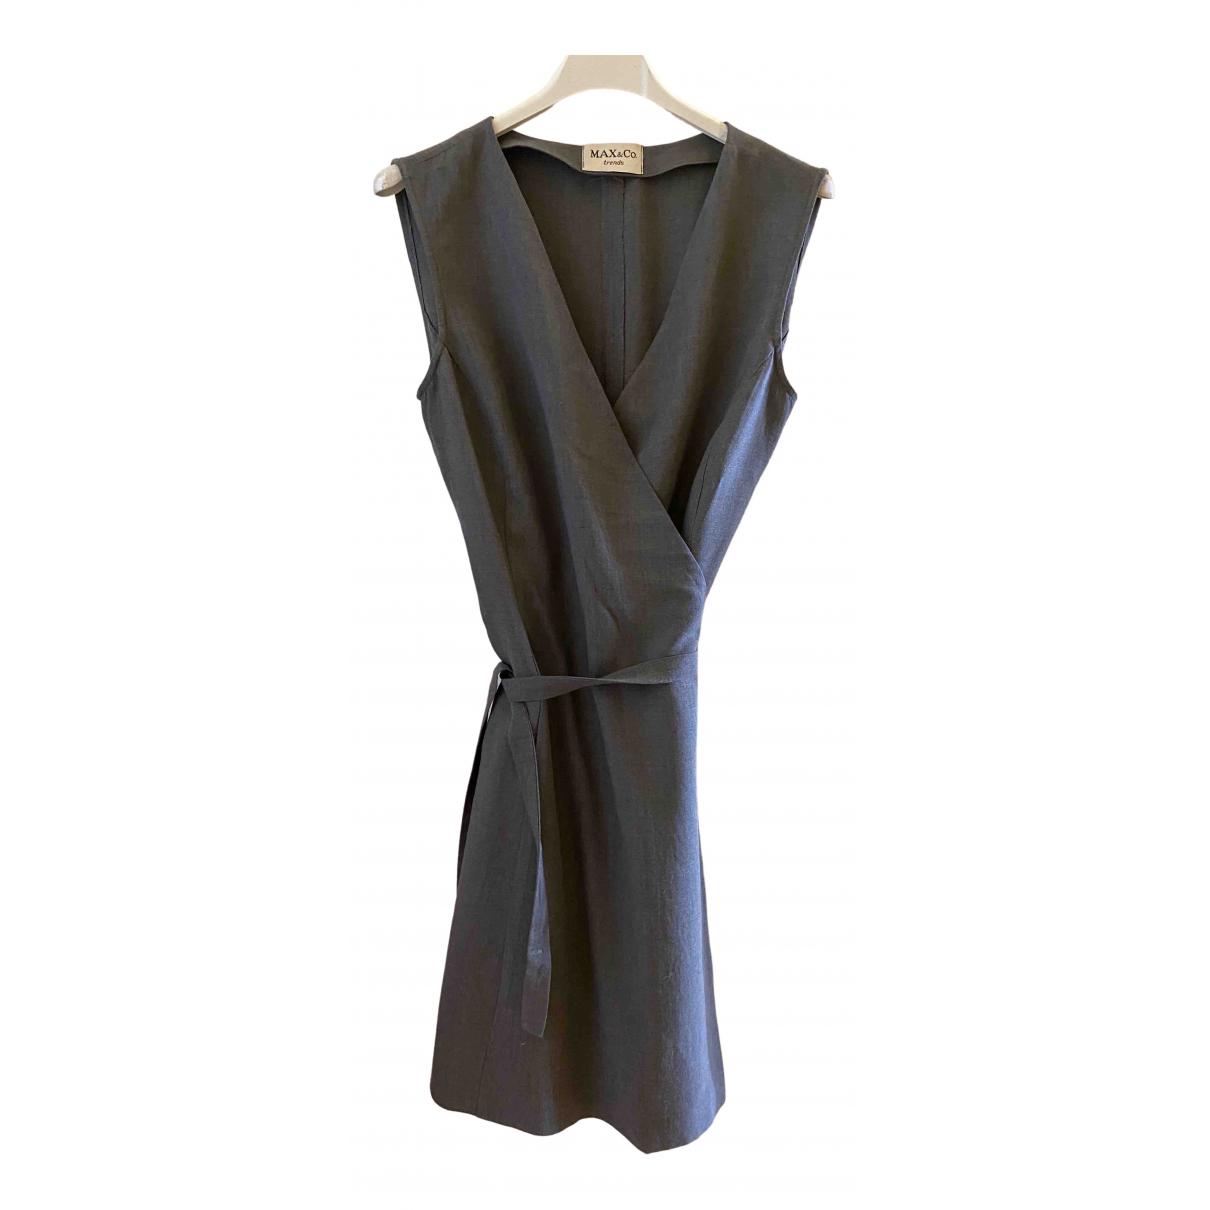 Max & Co \N Kleid in  Grau Wolle